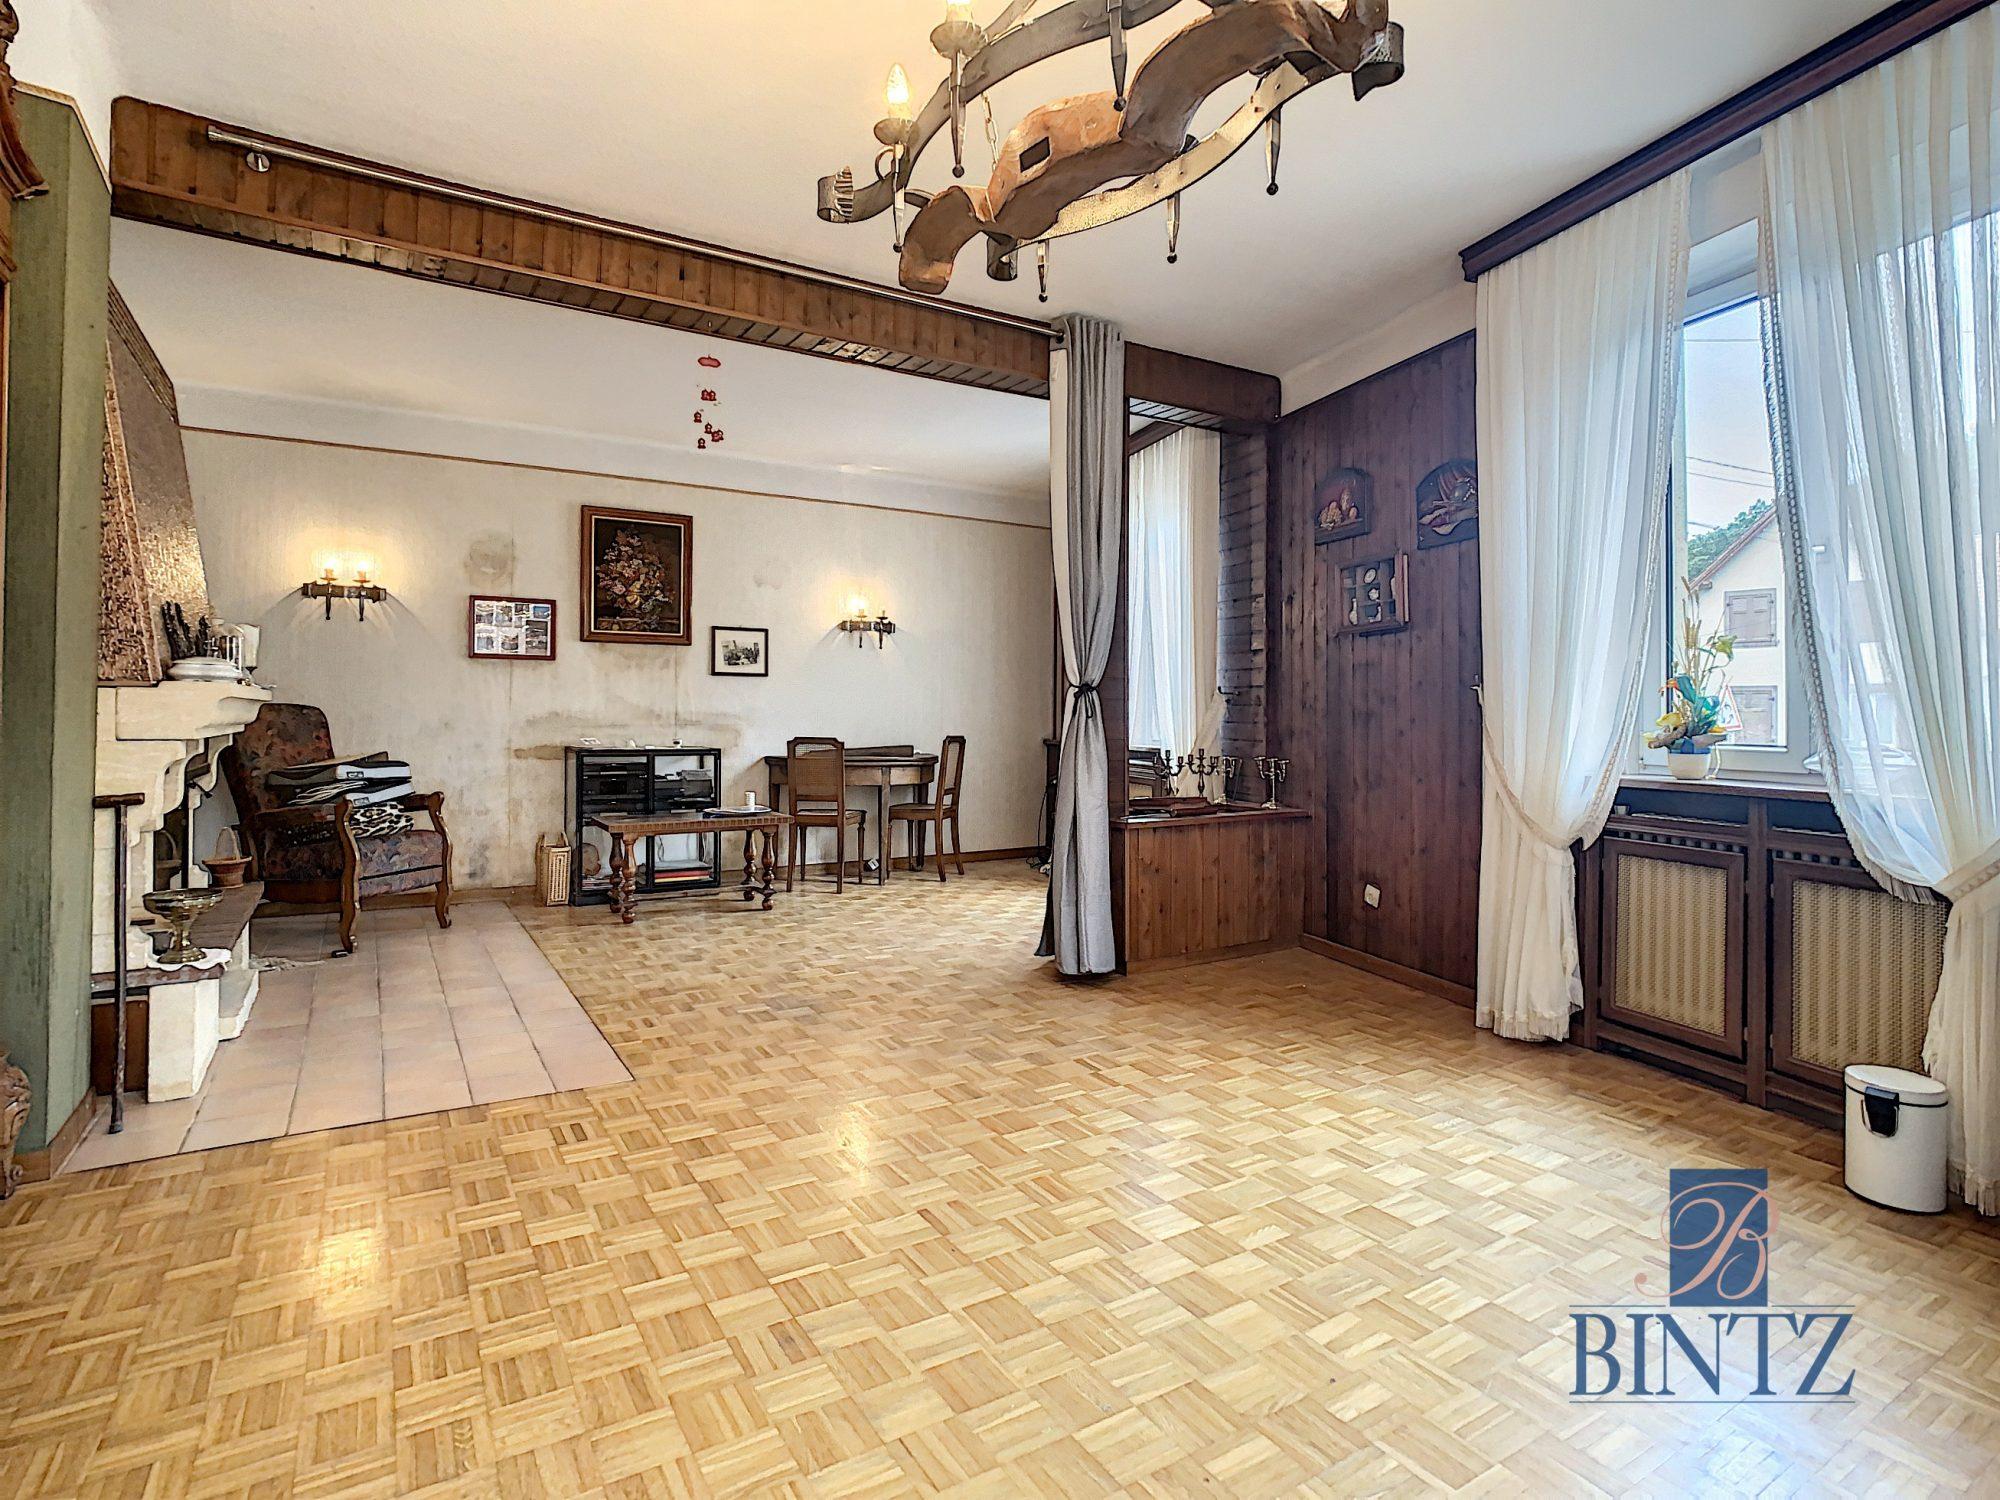 Corps de ferme à Gingsheim - Devenez propriétaire en toute confiance - Bintz Immobilier - 2